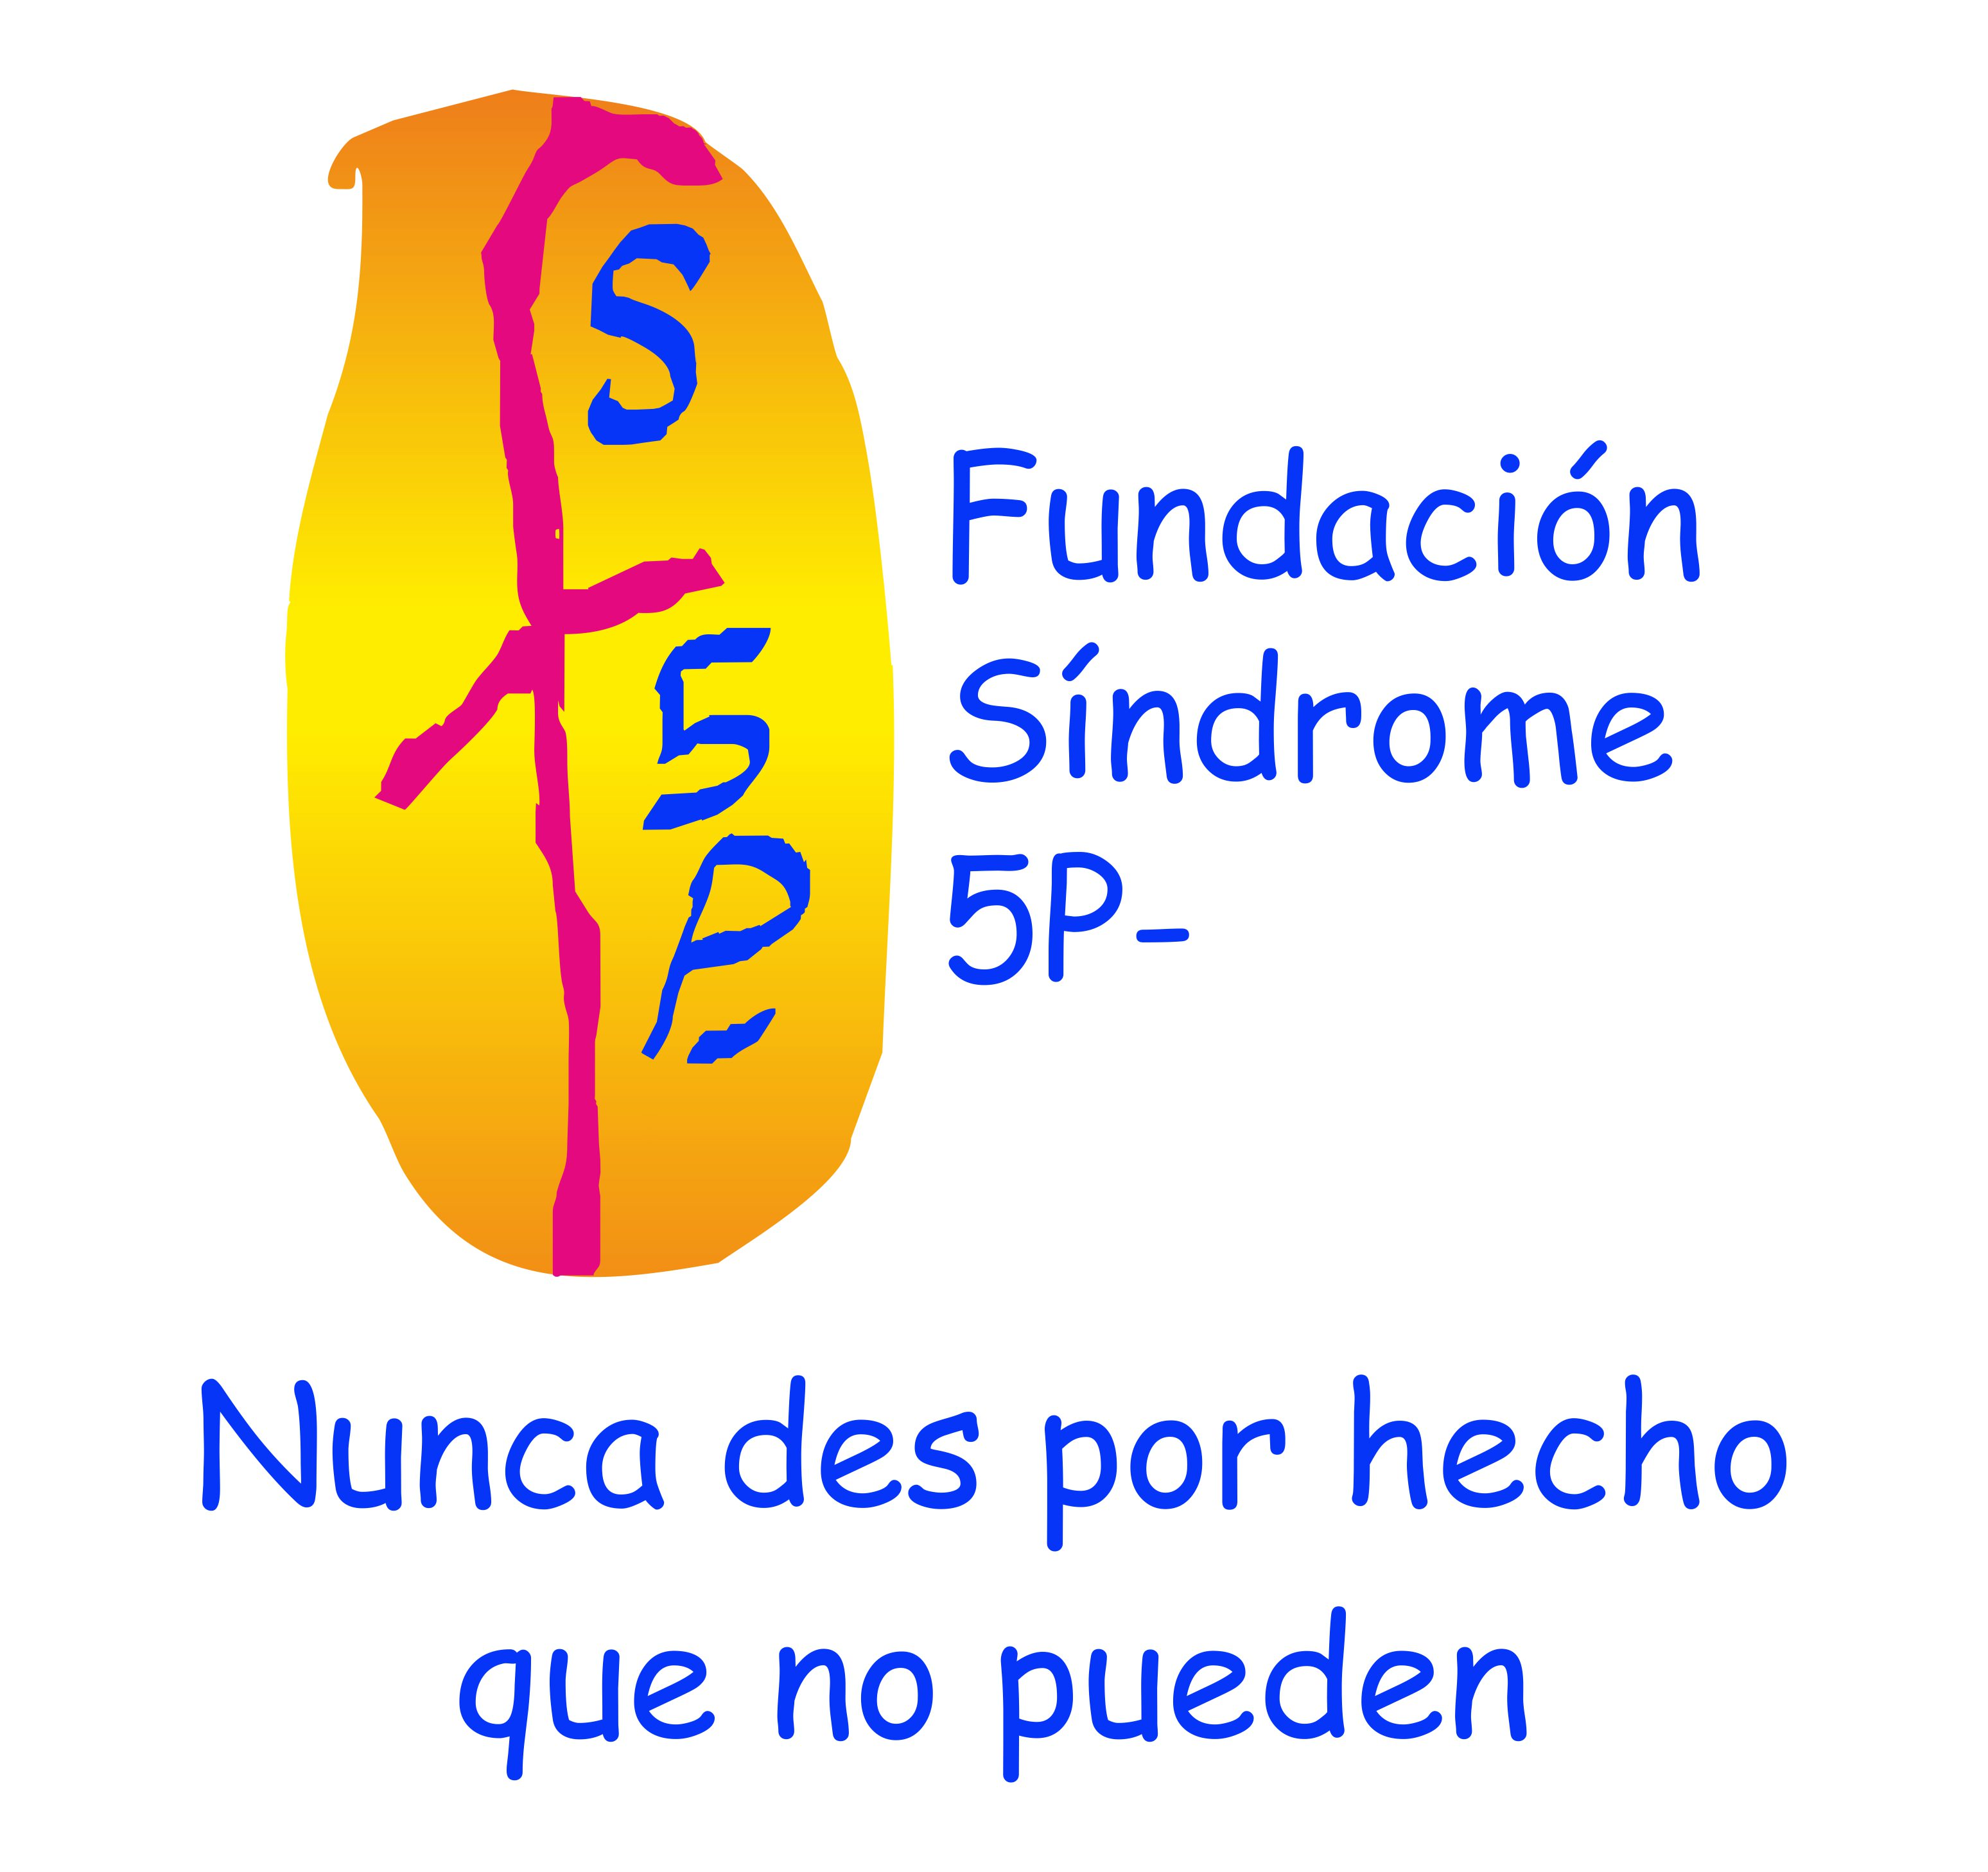 Fundación Síndrome 5P- o Maullido de Gato